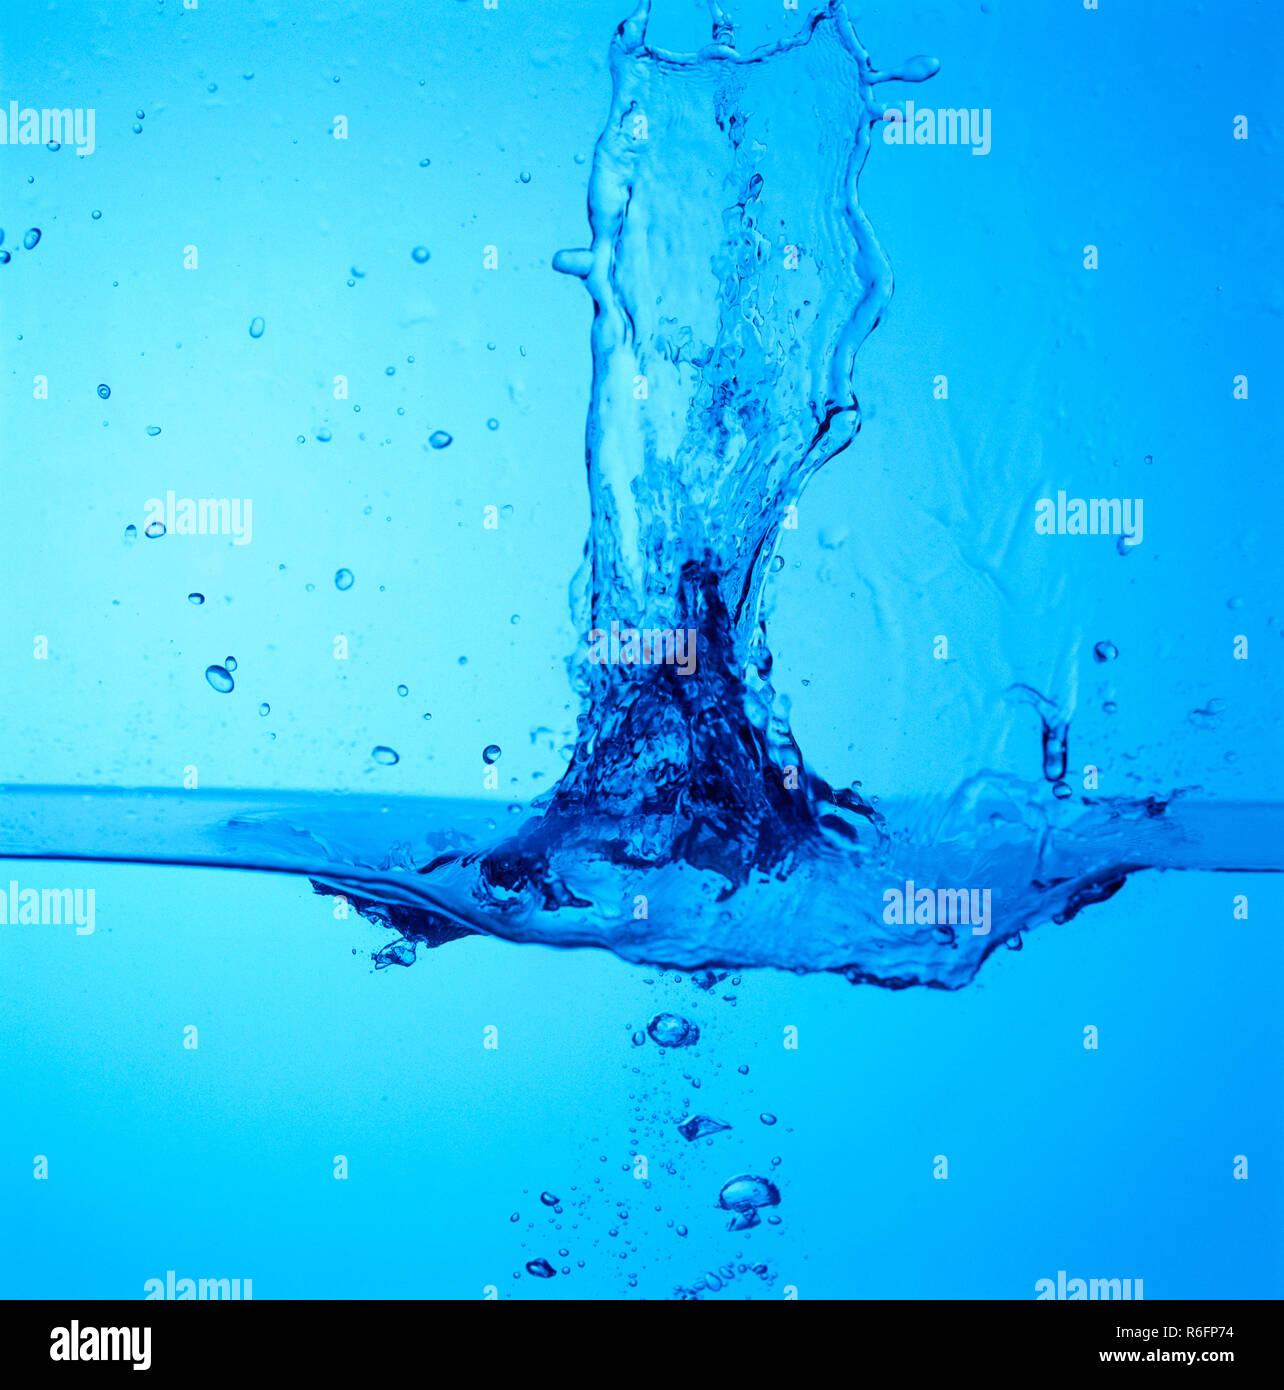 Konzept, Wassertropfen spritzen mit blauer Hintergrund Stockbild